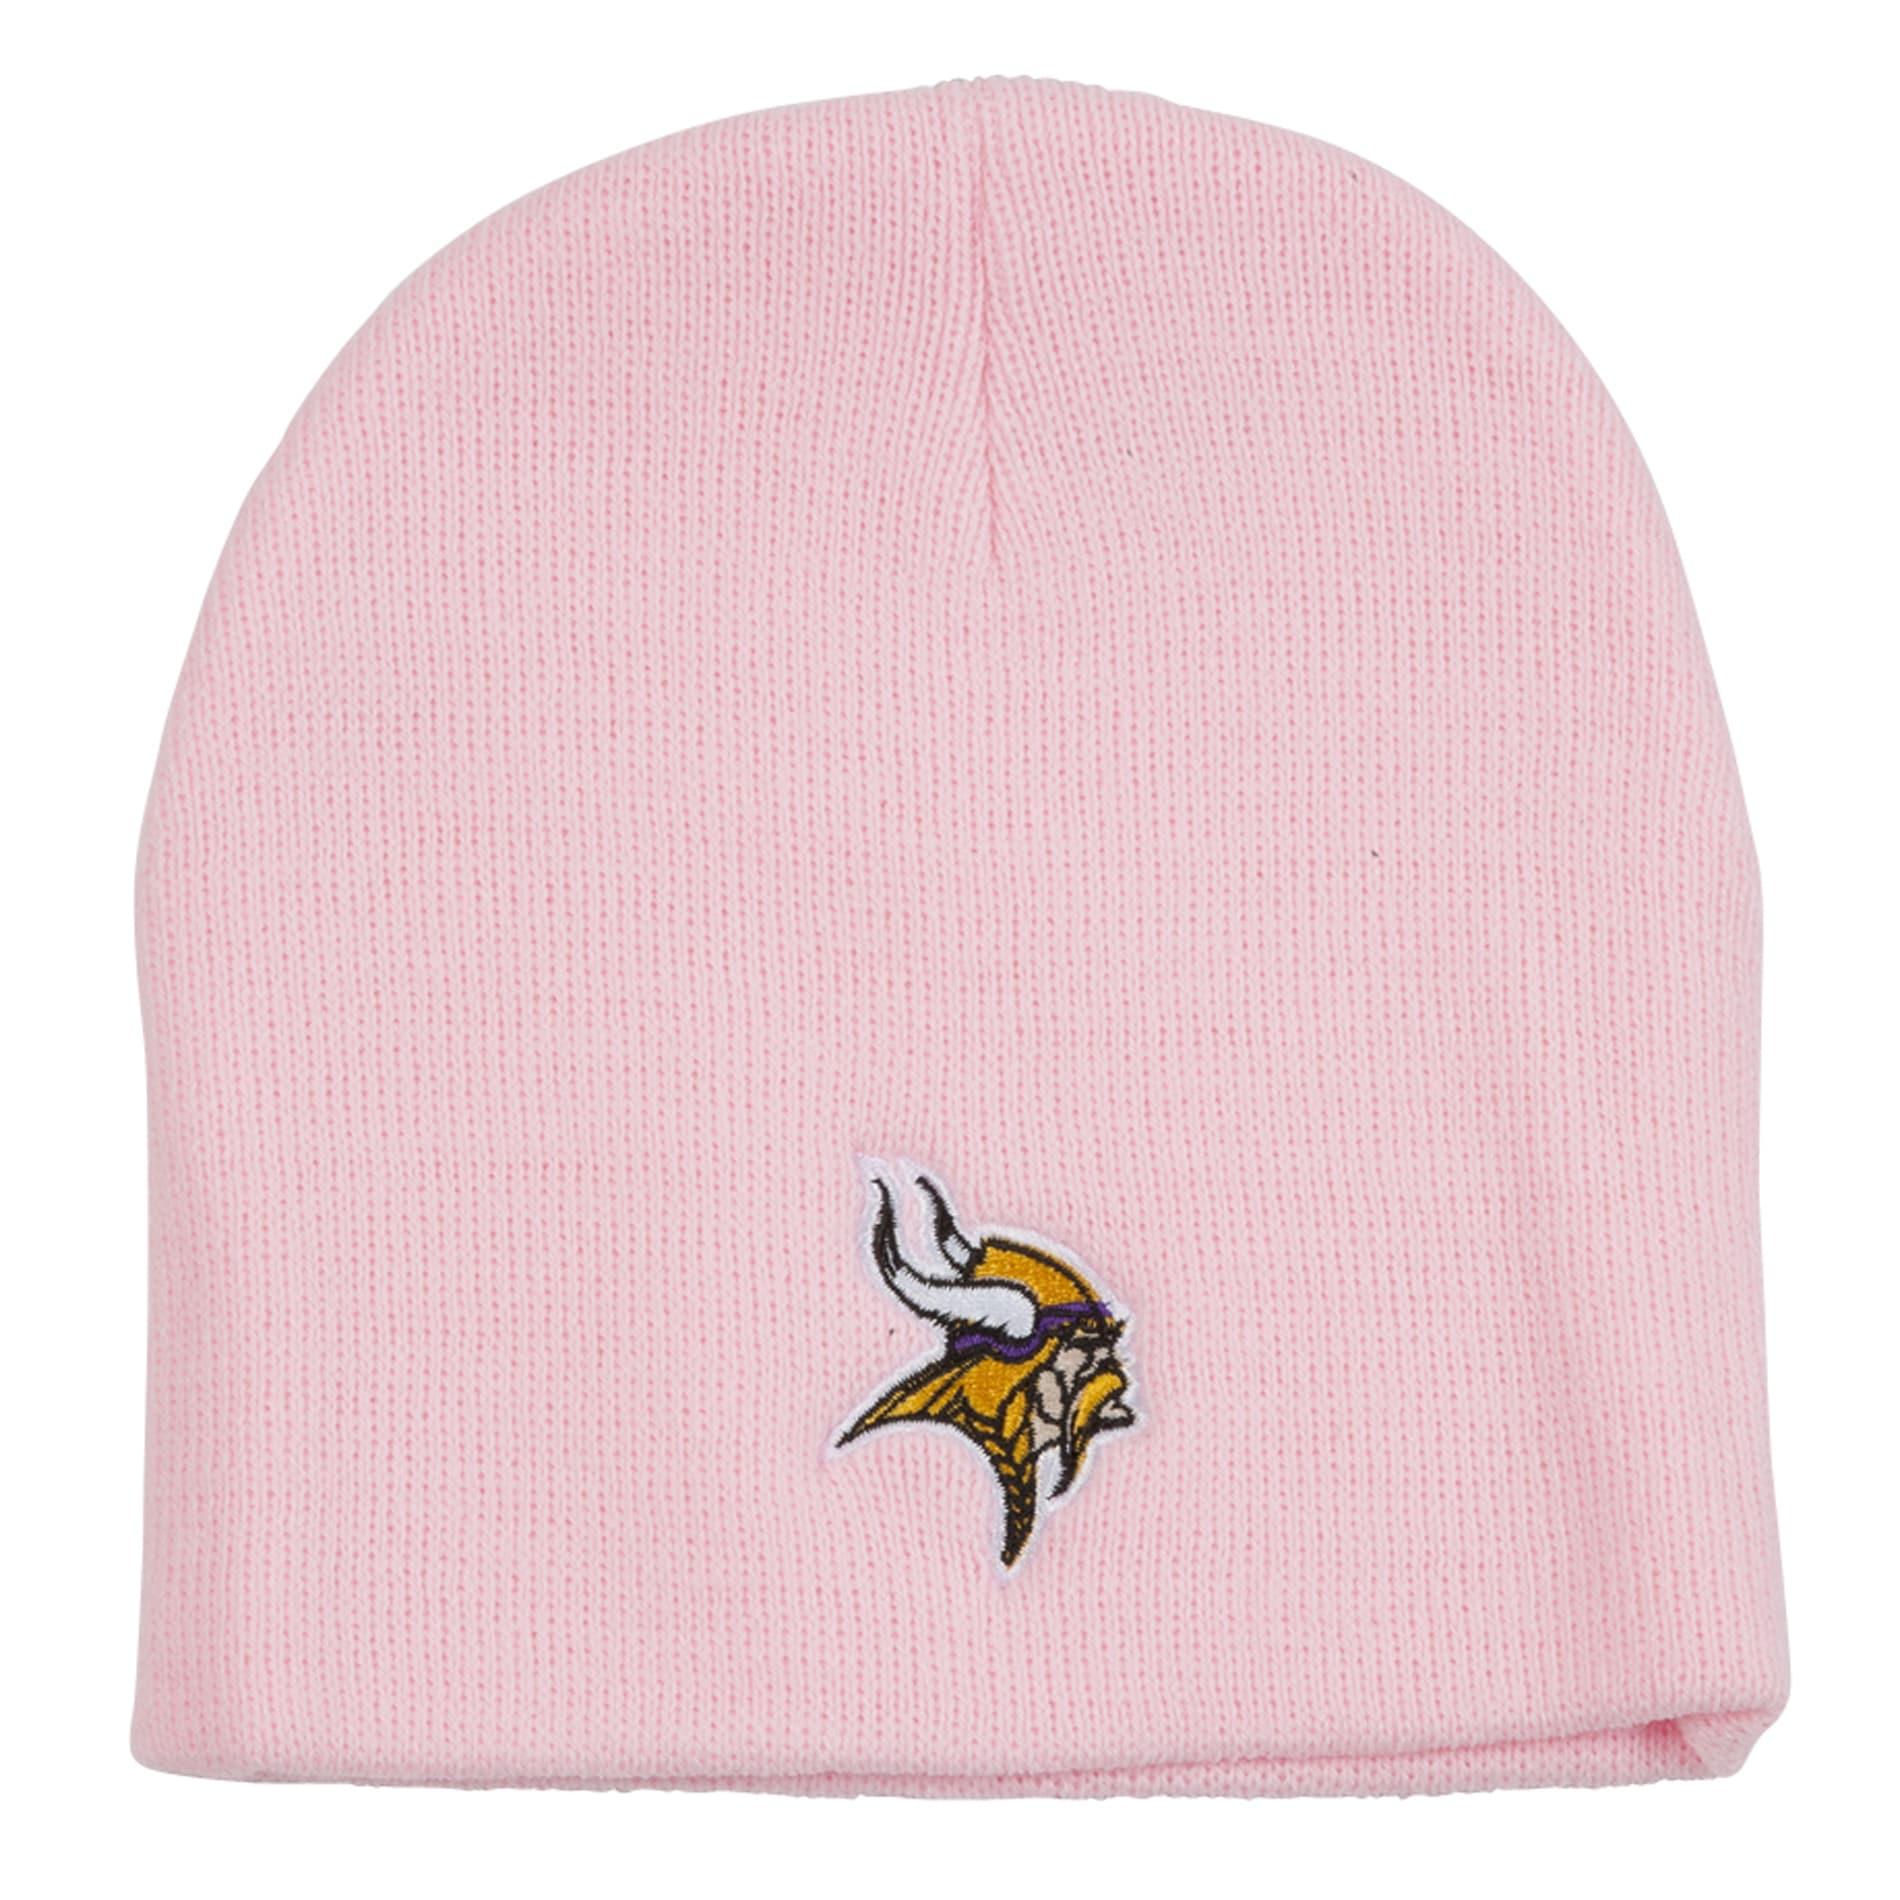 Minnesota Vikings Pink Beanie Stocking Hat